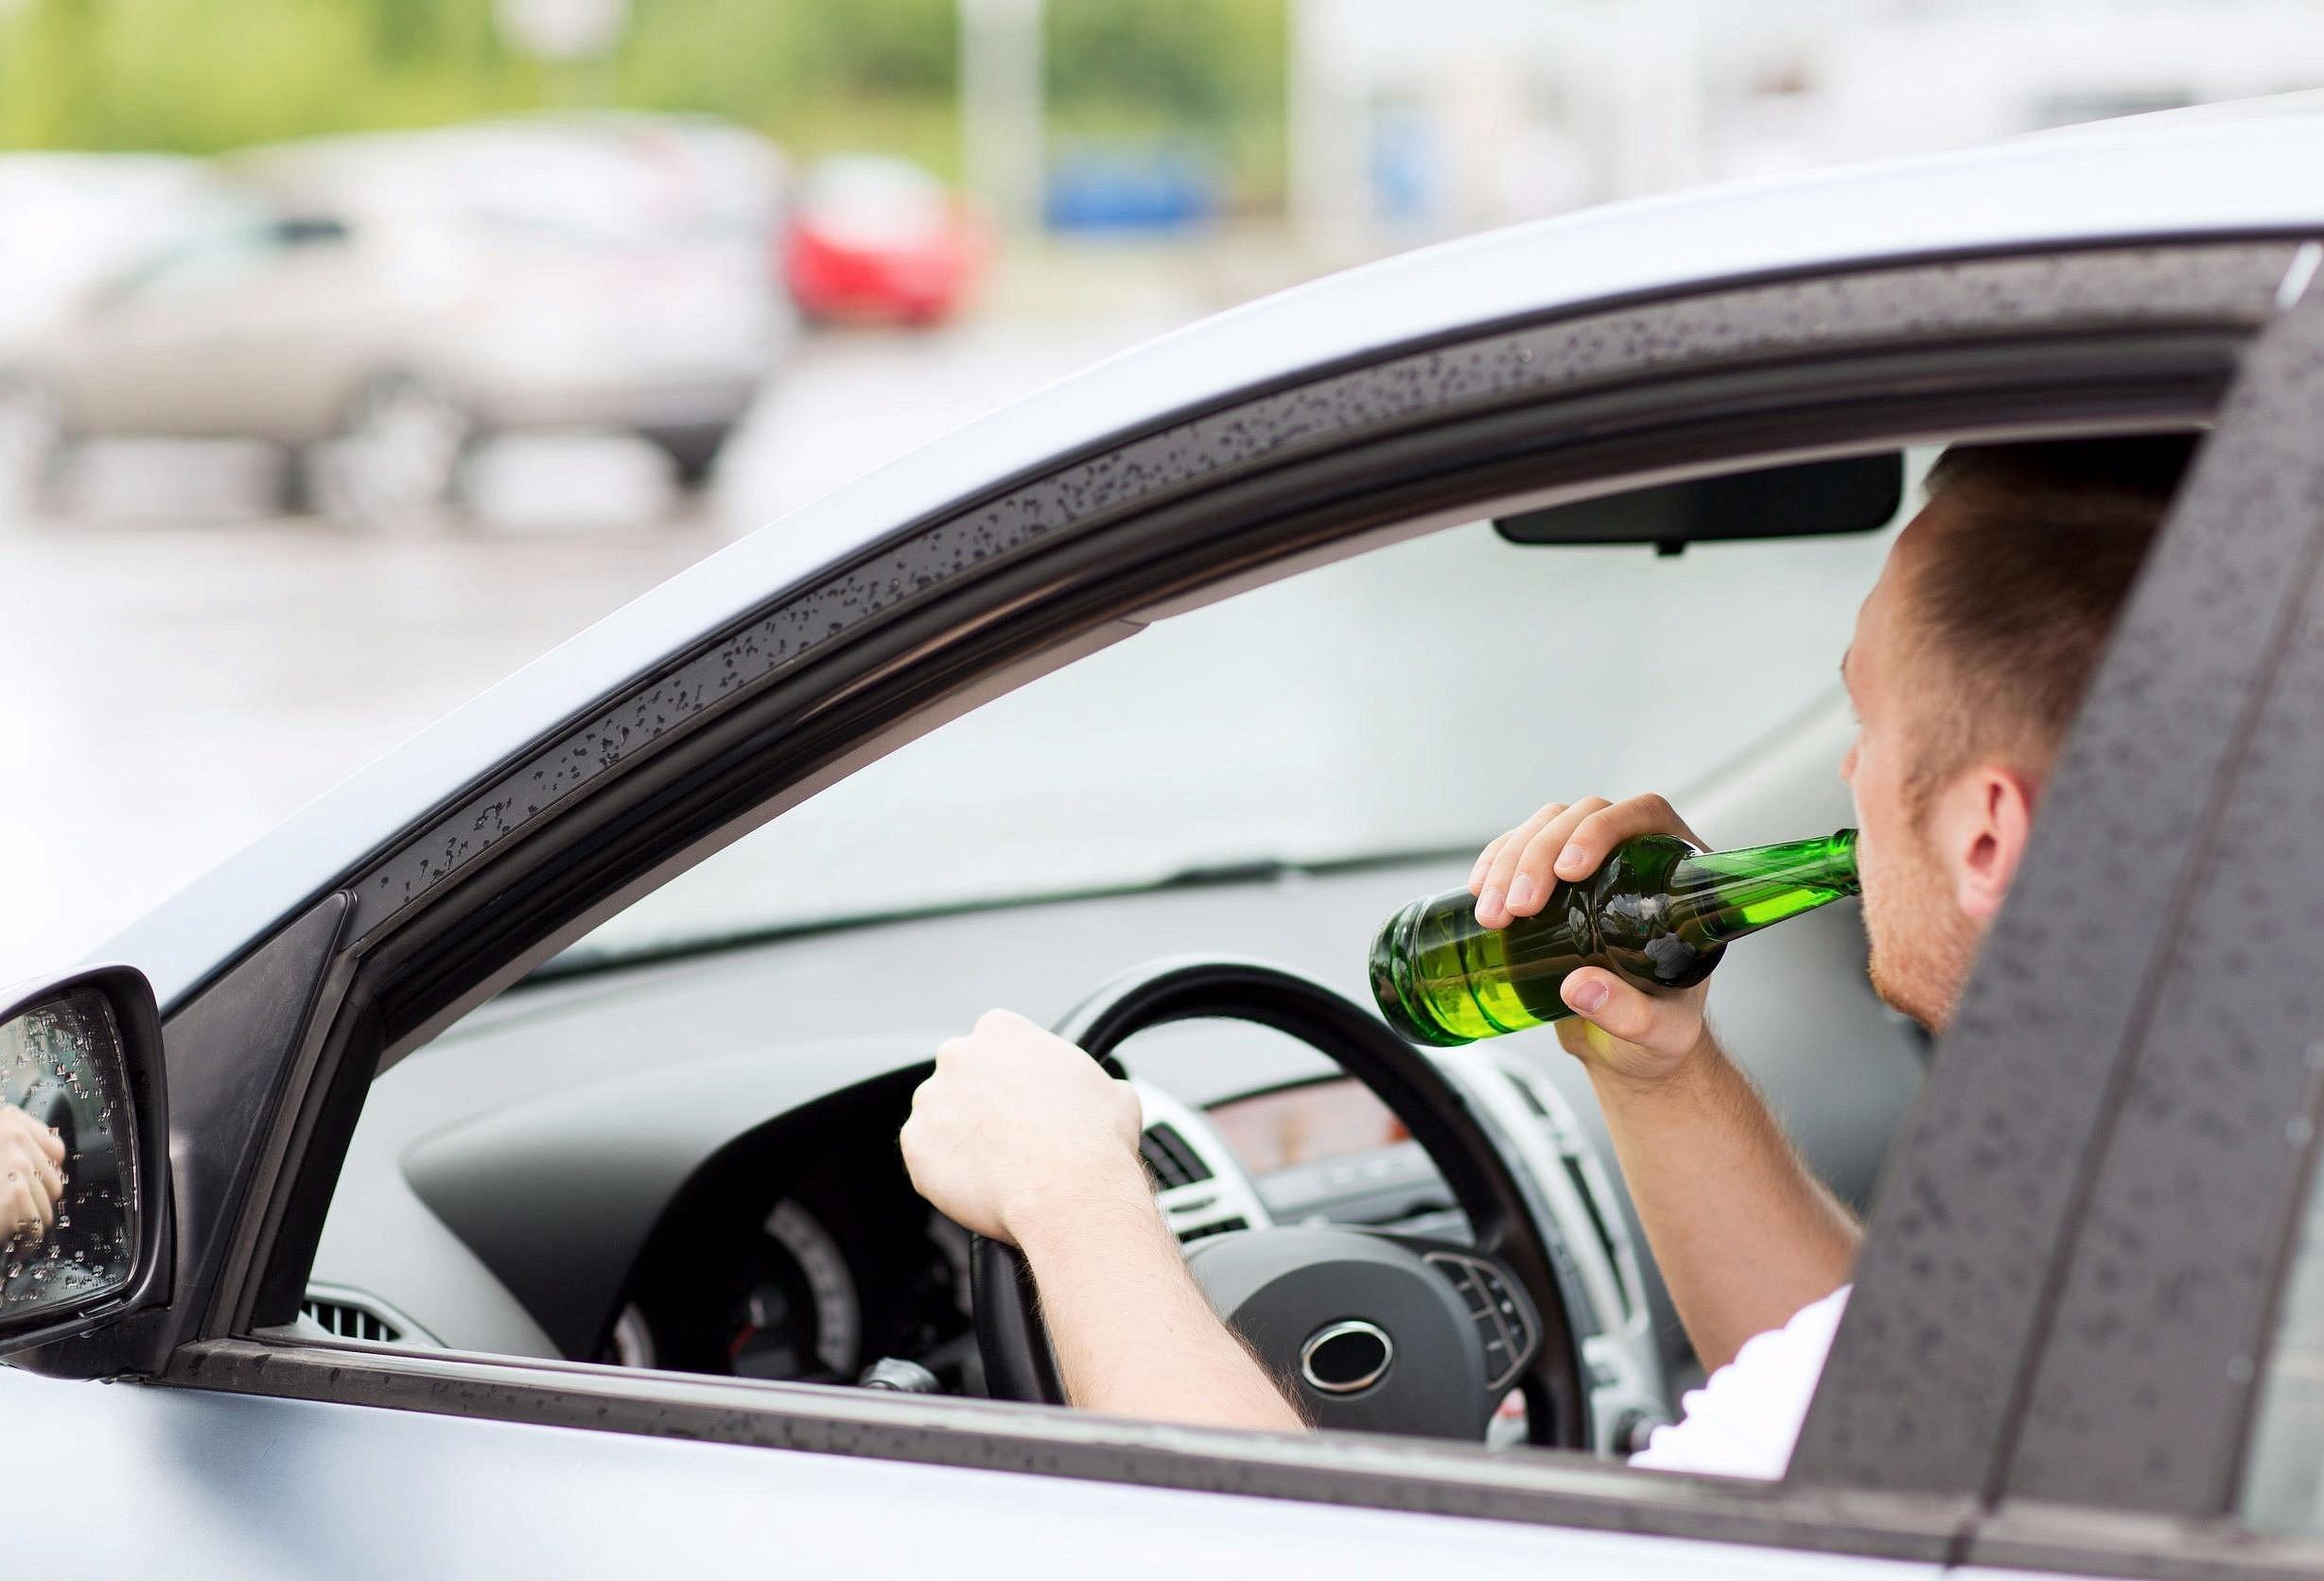 За повторную езду в пьяном виде предлагают забирать авто